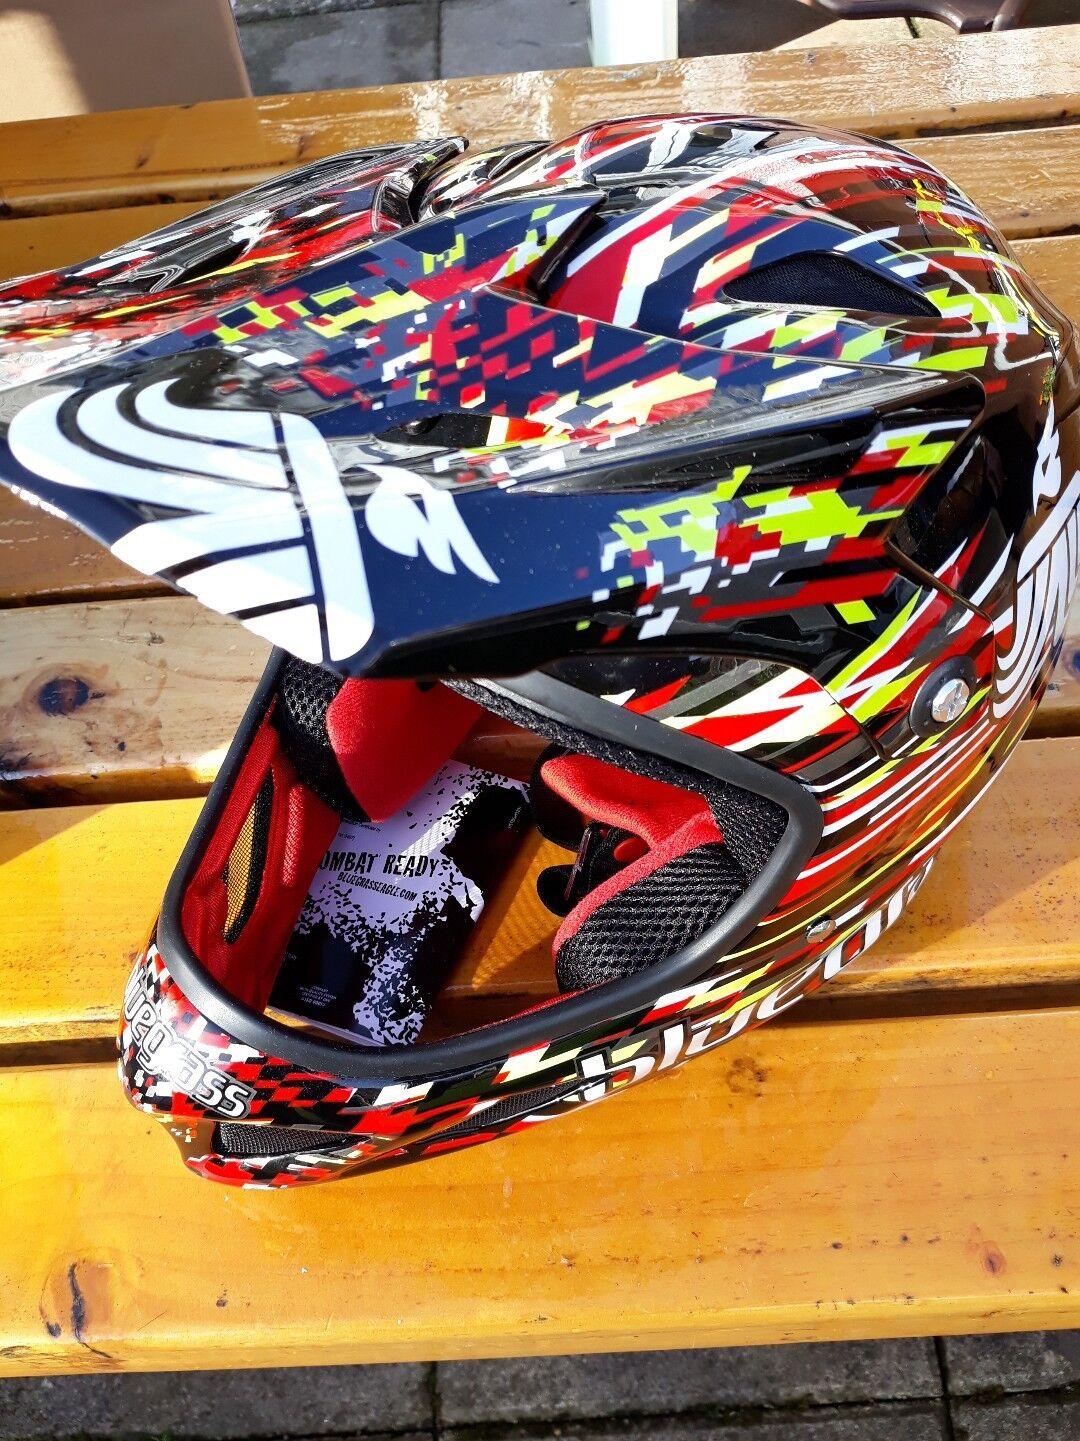 azulgrass Brave Large factory 13 rojo full face mtb helmet, brand new